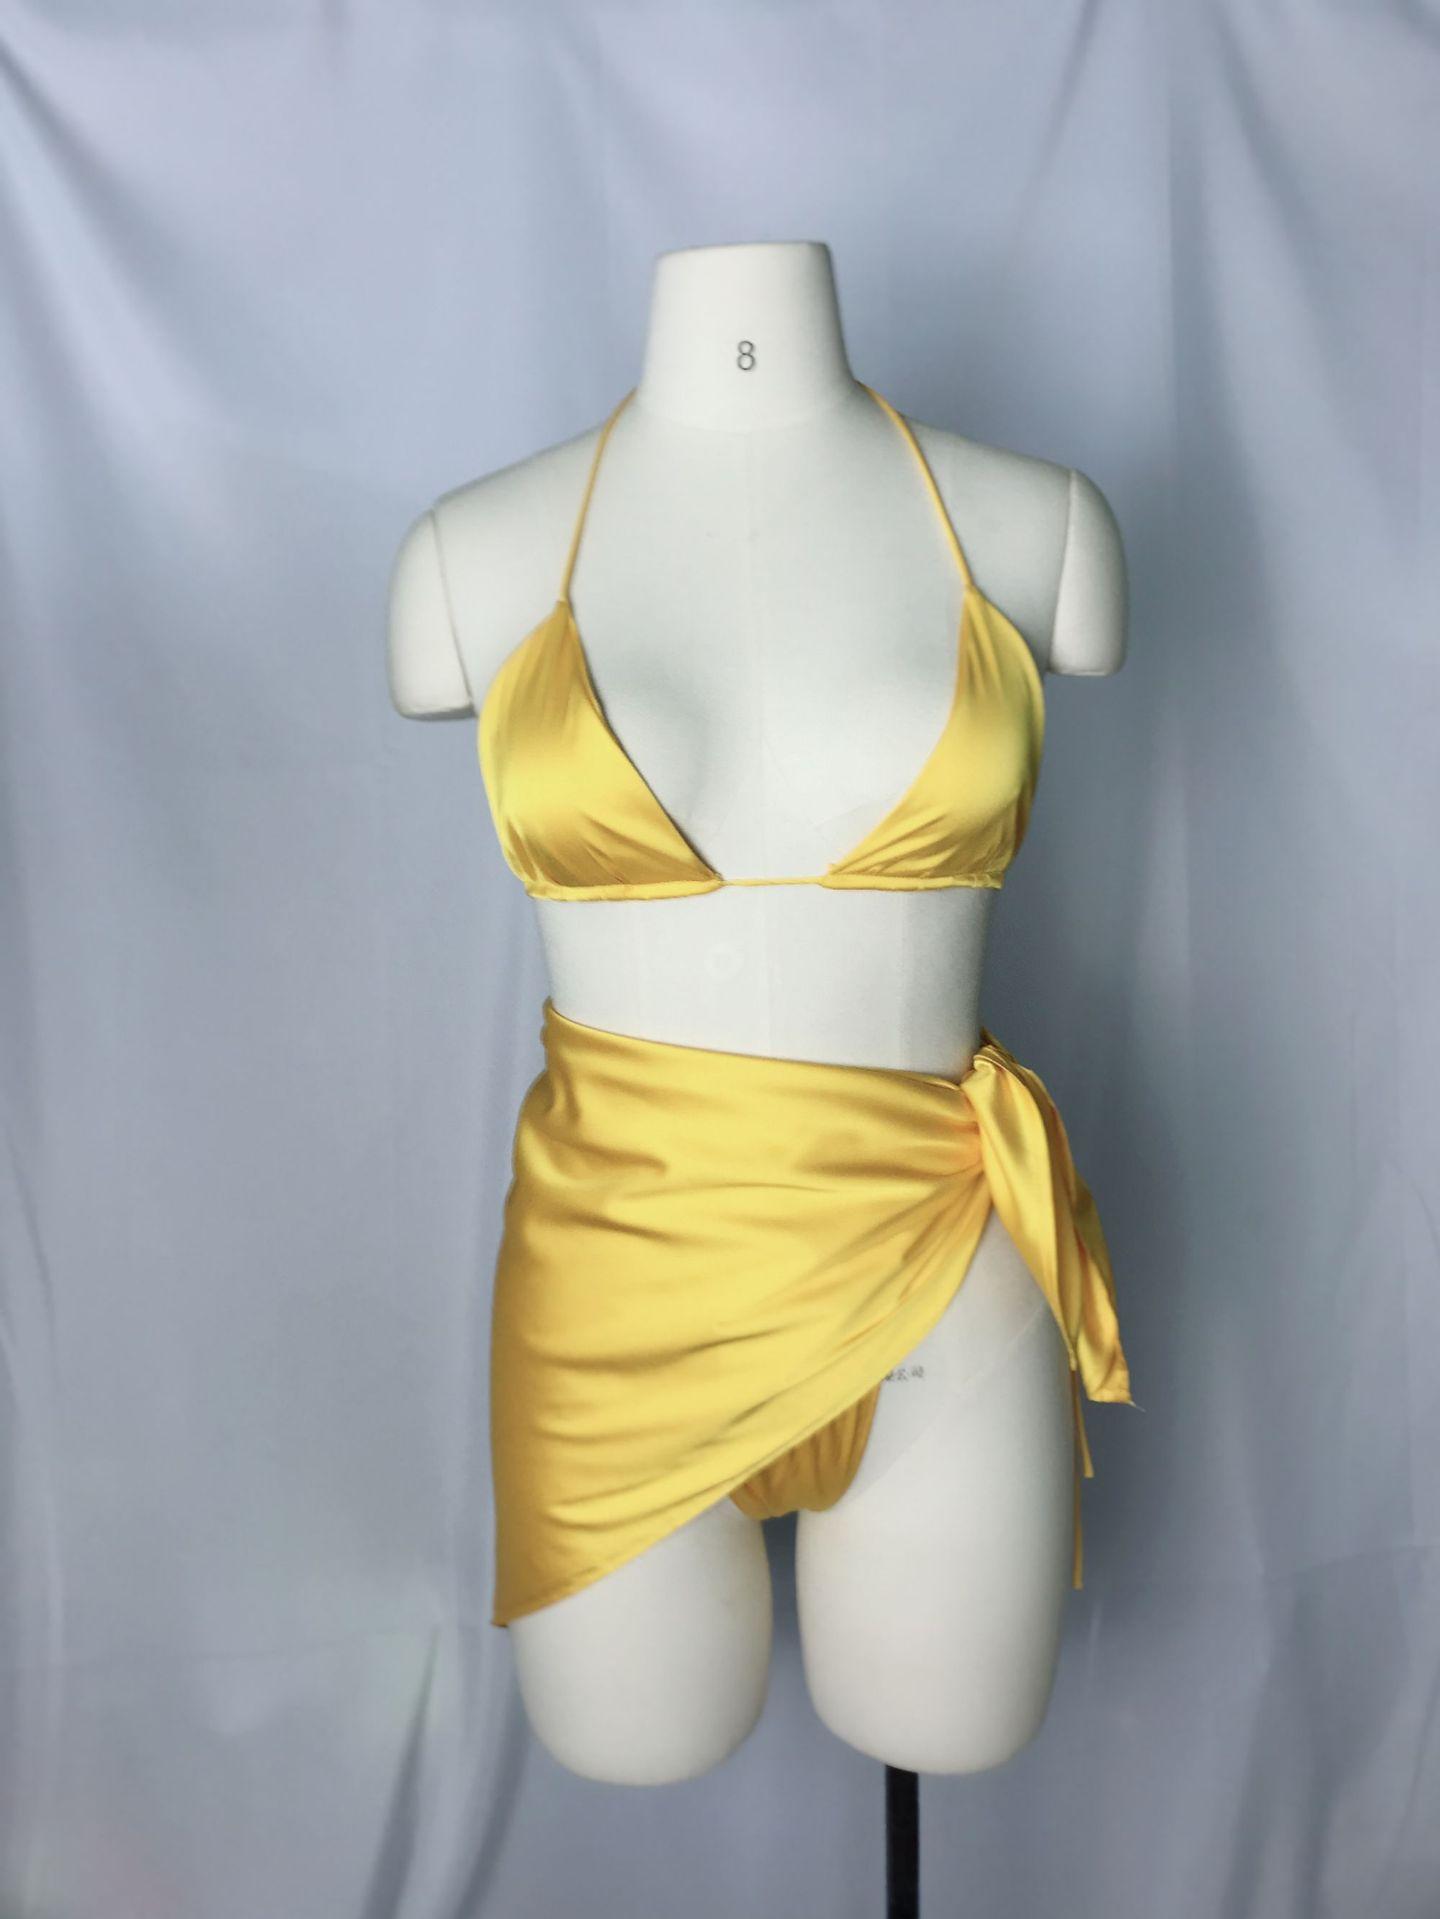 2021 с лямкой на шее bathingsuits женские купальники, купальный костюм, женский комплект из трех предметов; 3 шт./набор бикини купальный костюм комплекты с юбкой для малышек